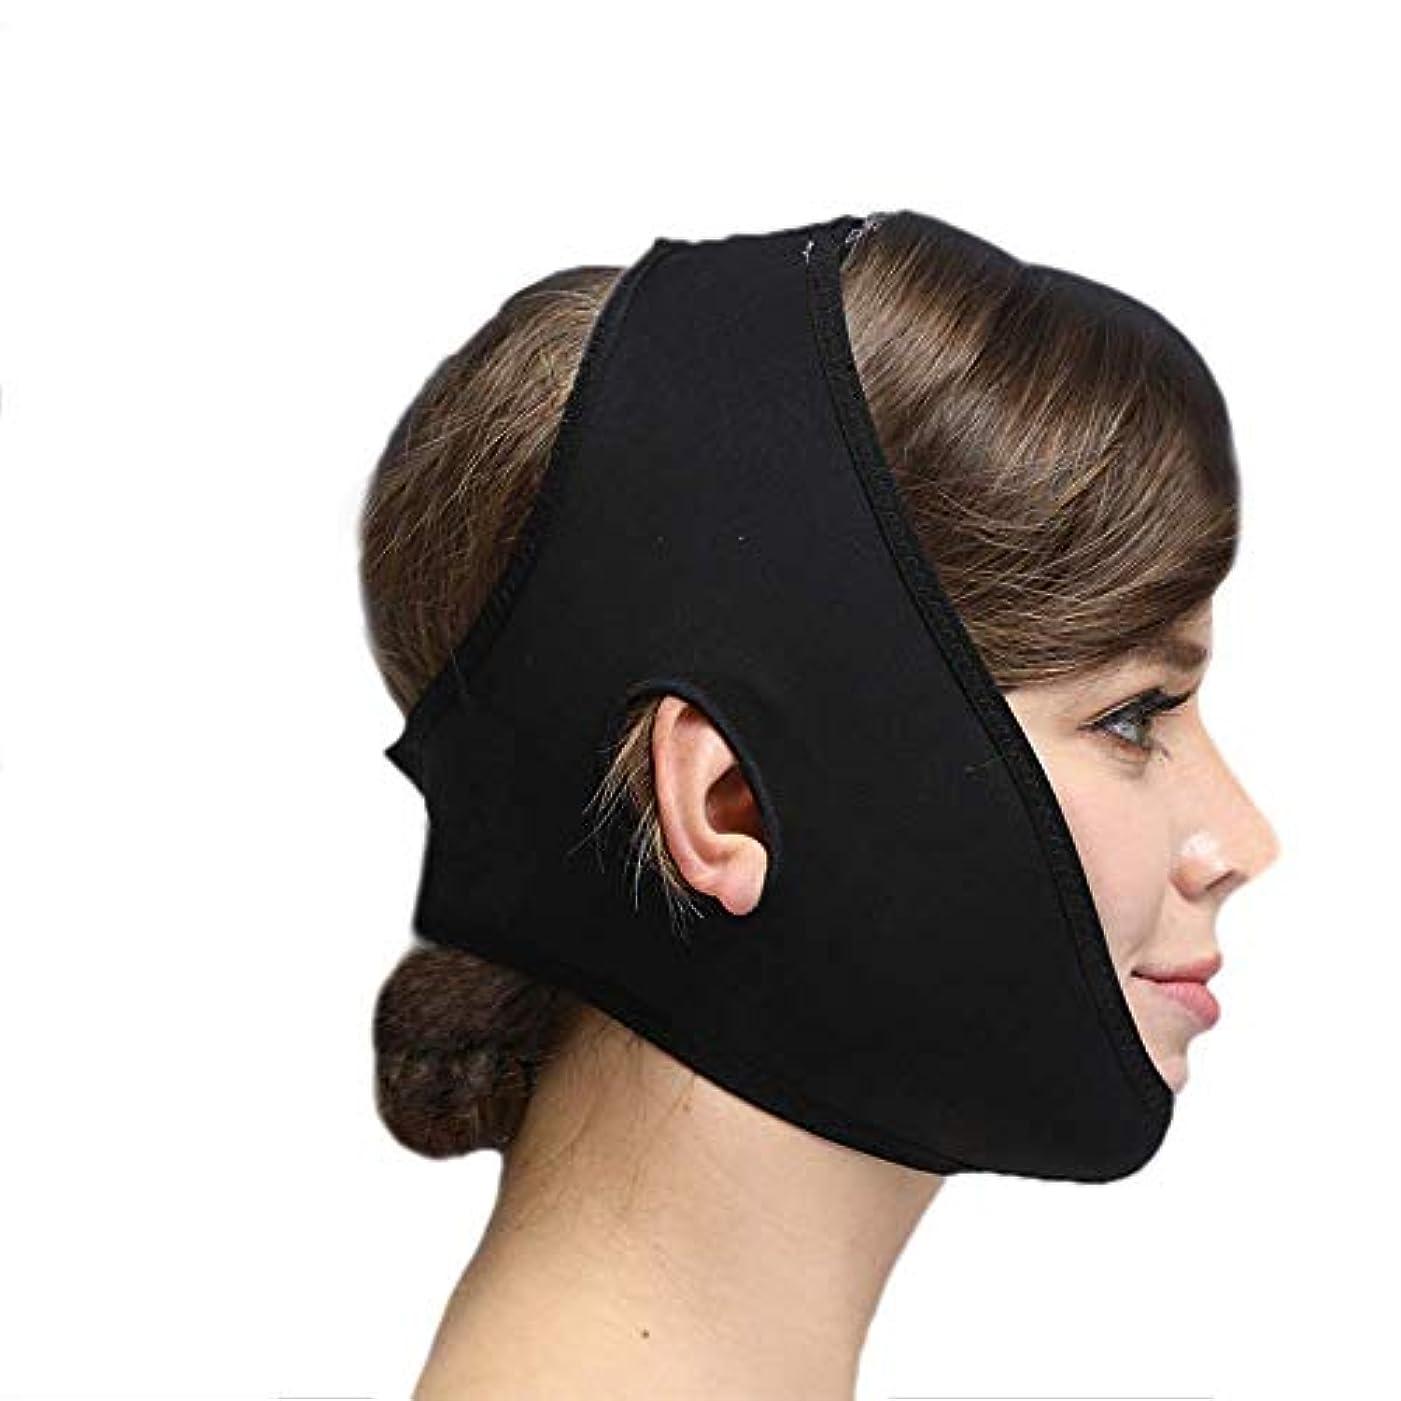 七面鳥まばたき教えてフェイススリミングマスク、快適さと通気性、フェイシャルリフティング、輪郭の改善された硬さ、ファーミングとリフティングフェイス(カラー:ブラック、サイズ:XL),ブラック2、L